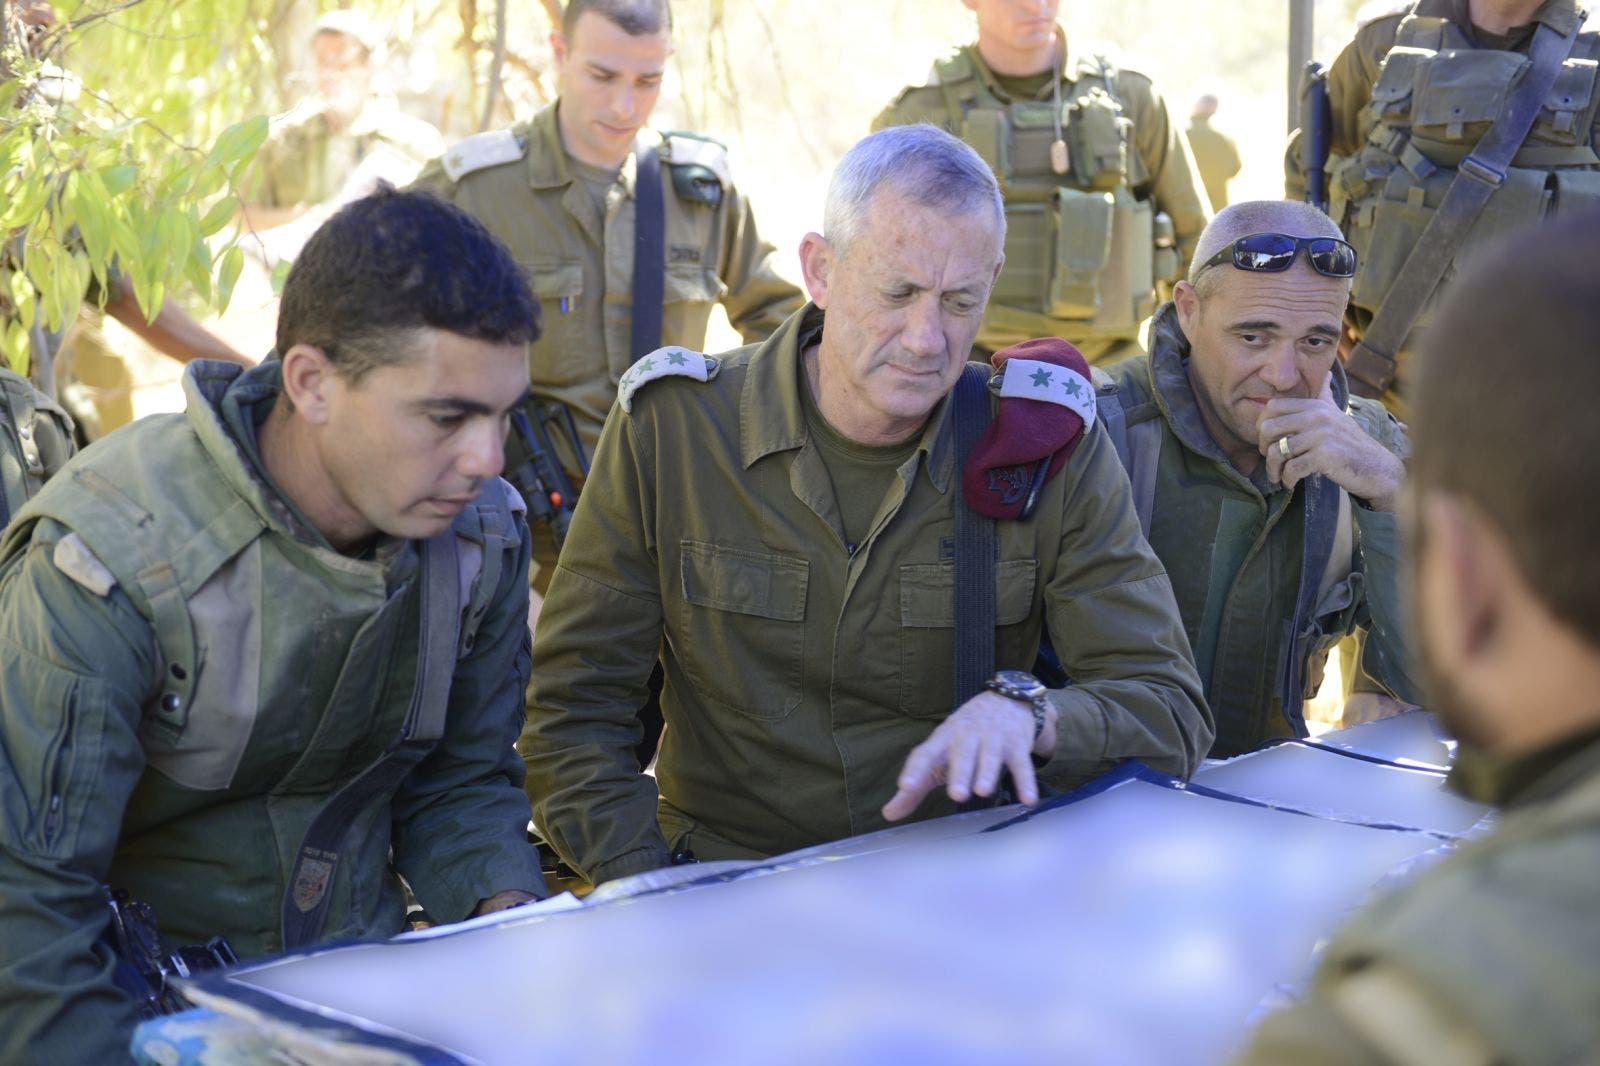 قائد هيئة الاركان في الجيش الاسرائيلي بني غانتس يتابع سير المعارك في غزة